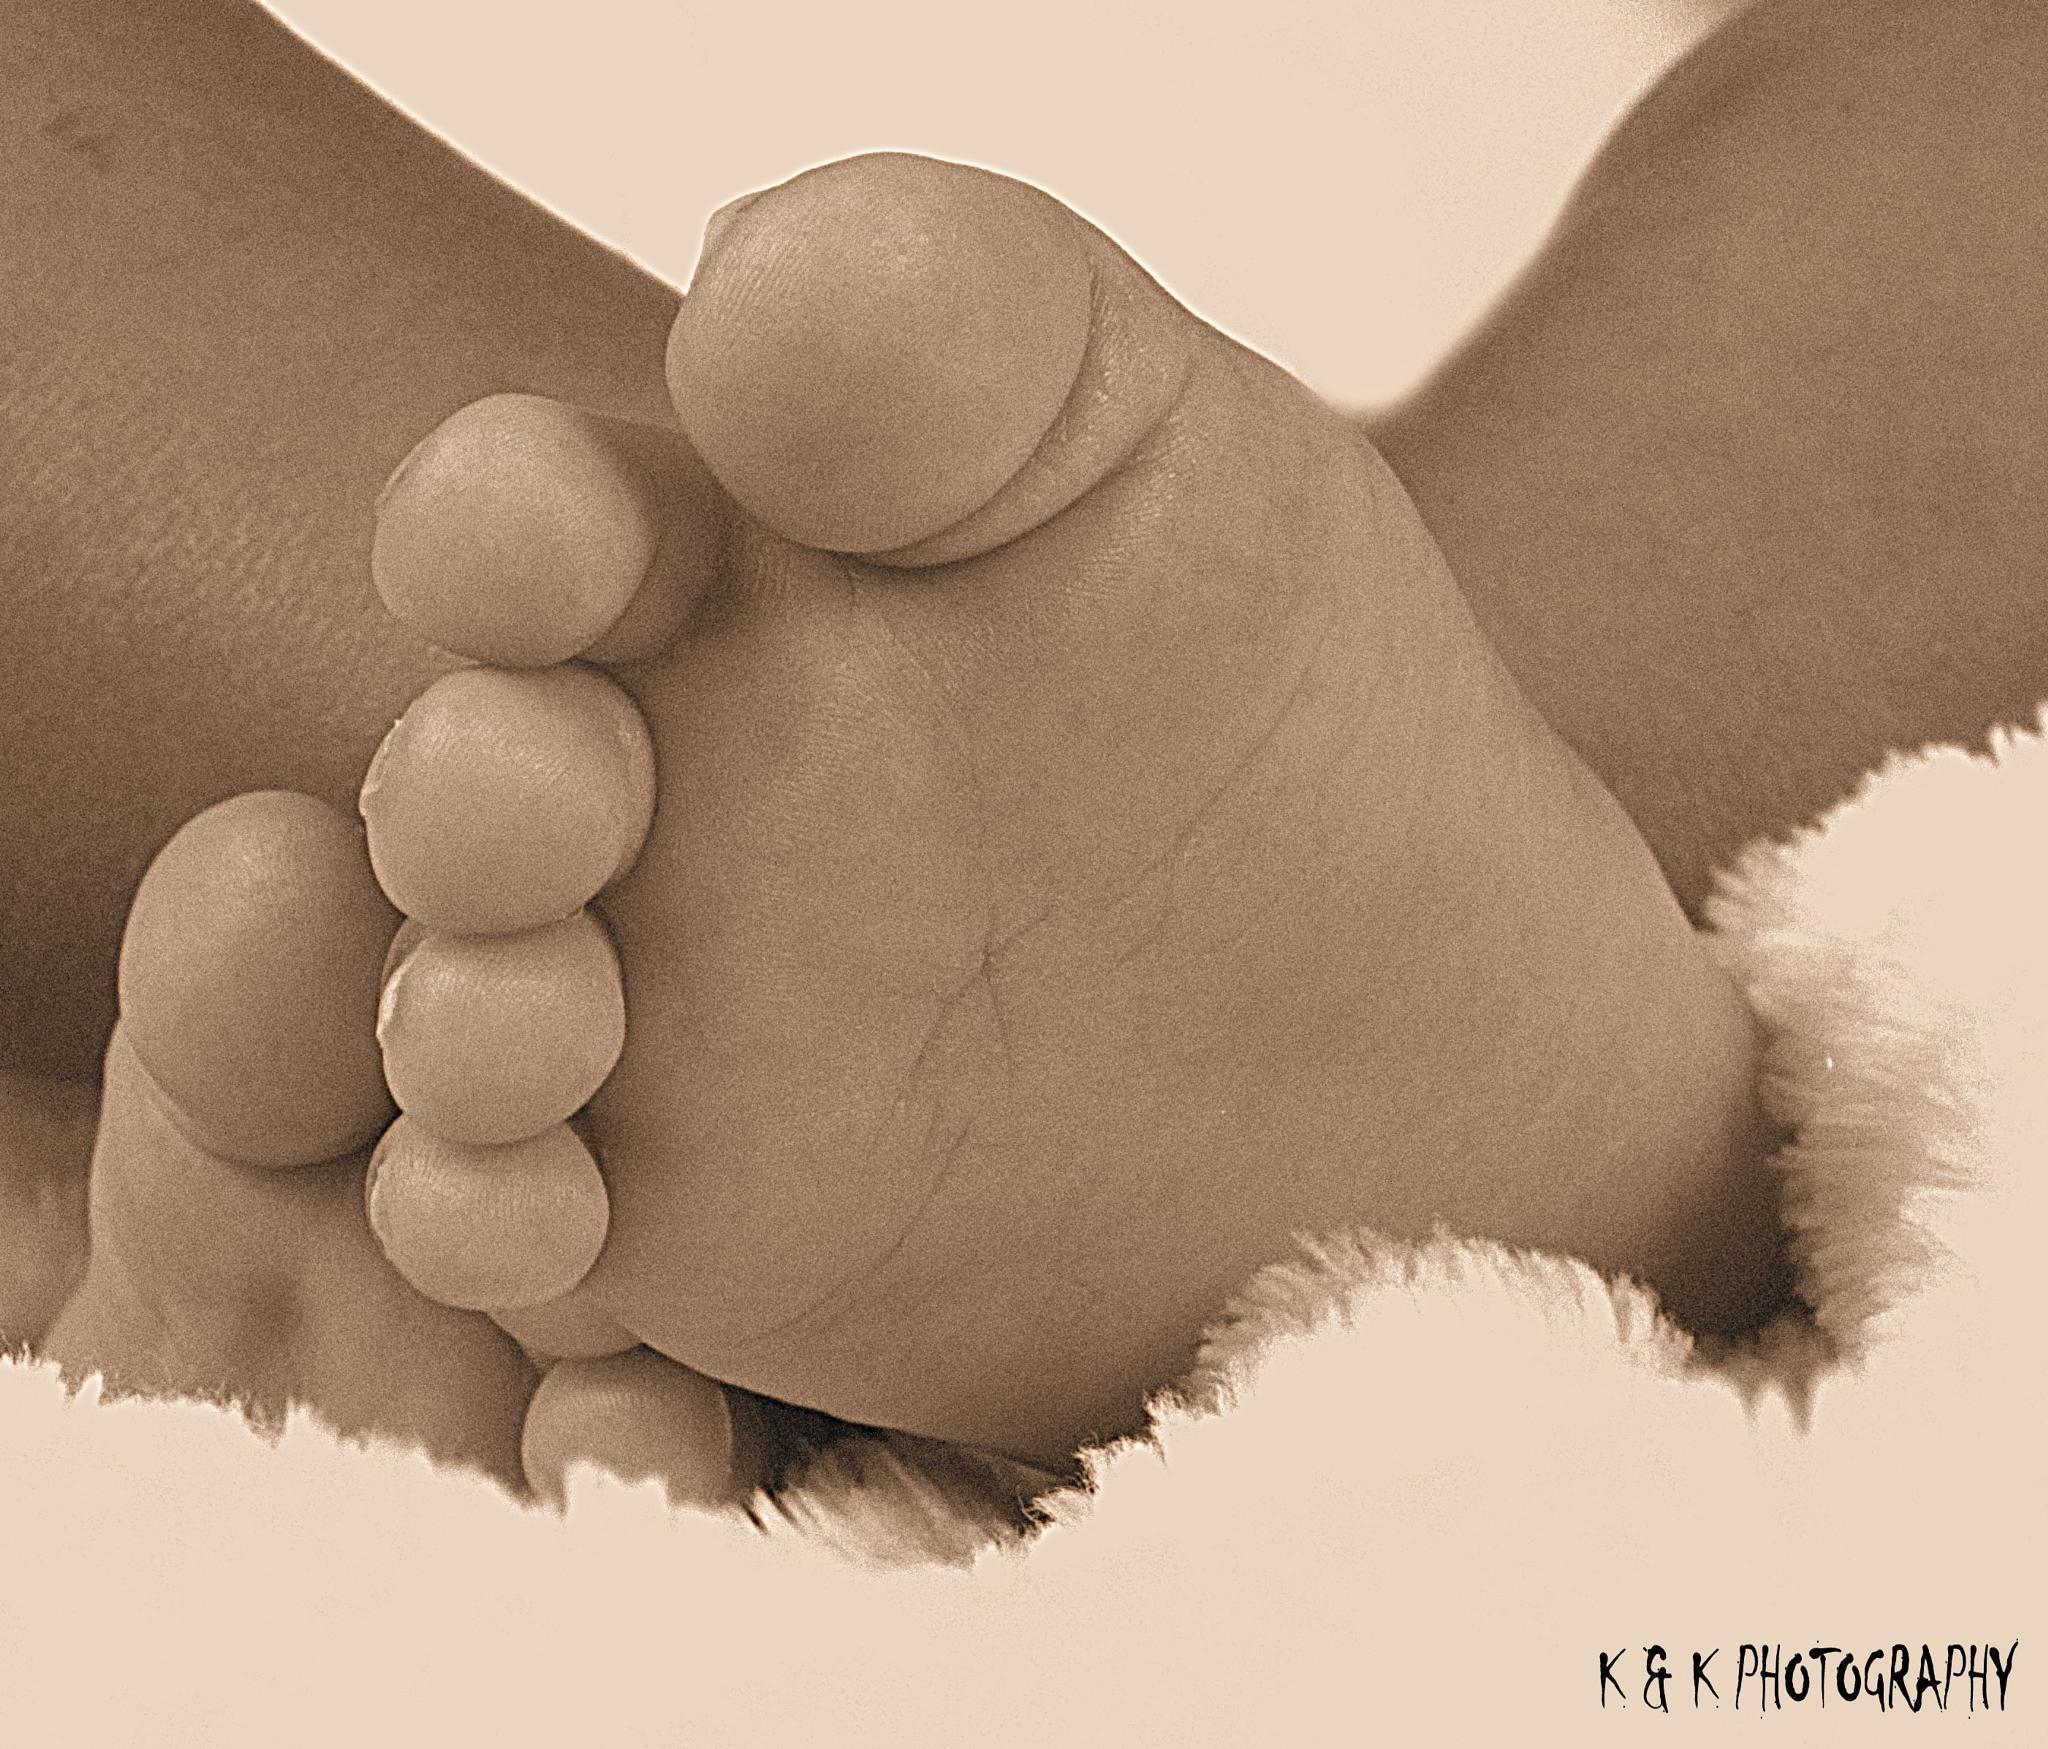 Feet by Penny Katz Photography